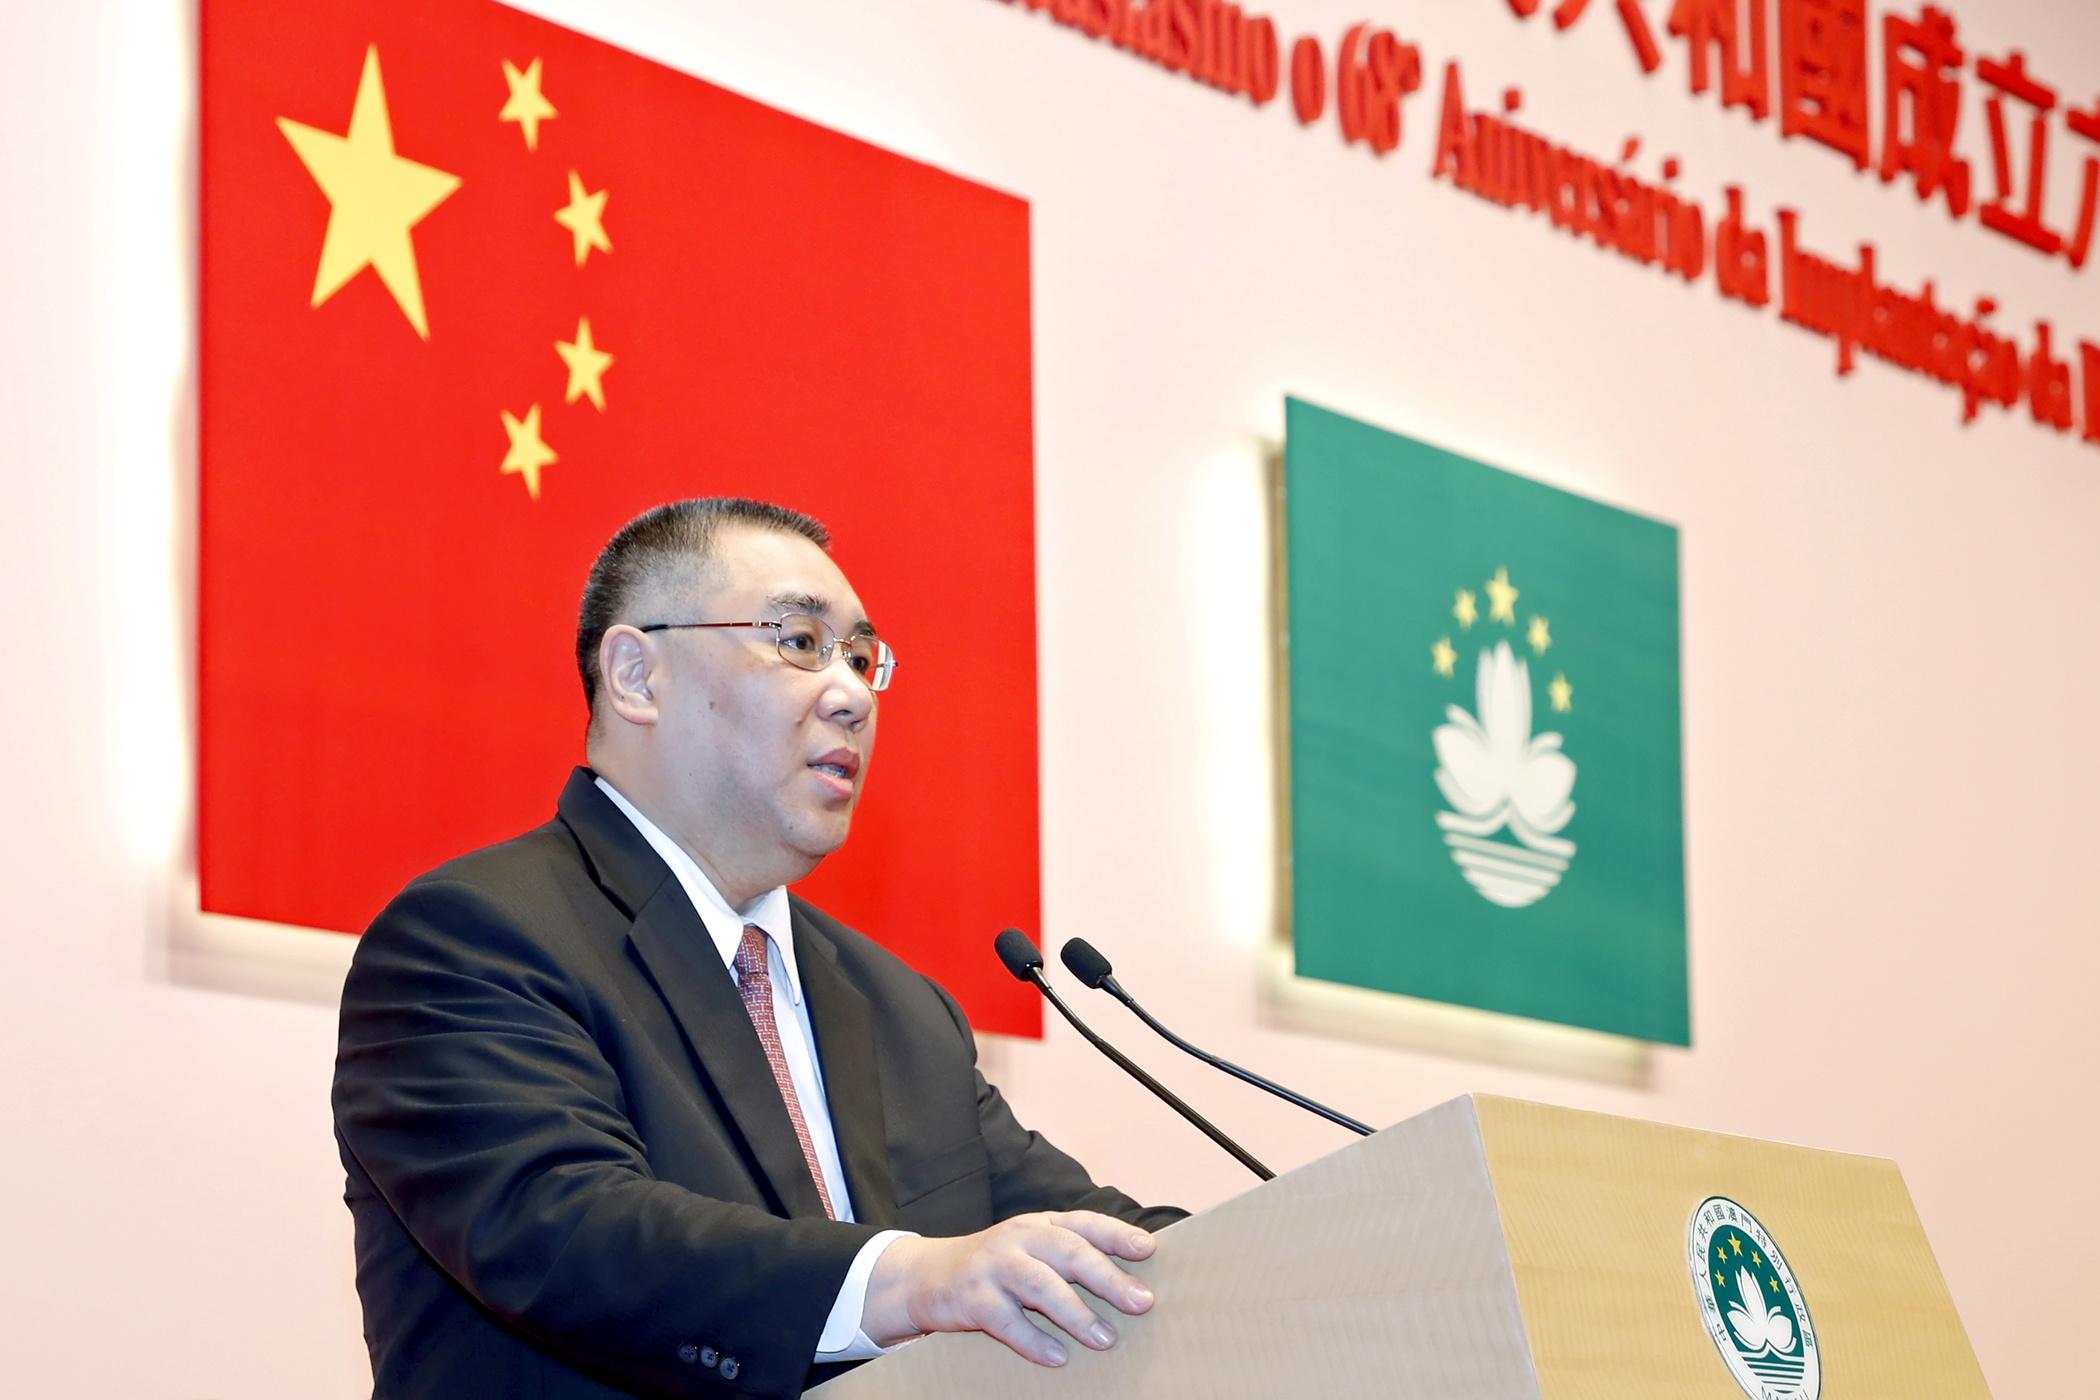 Aniversário da RPC   Chui Sai On destaca segurança social, saúde, habitação e o ensino